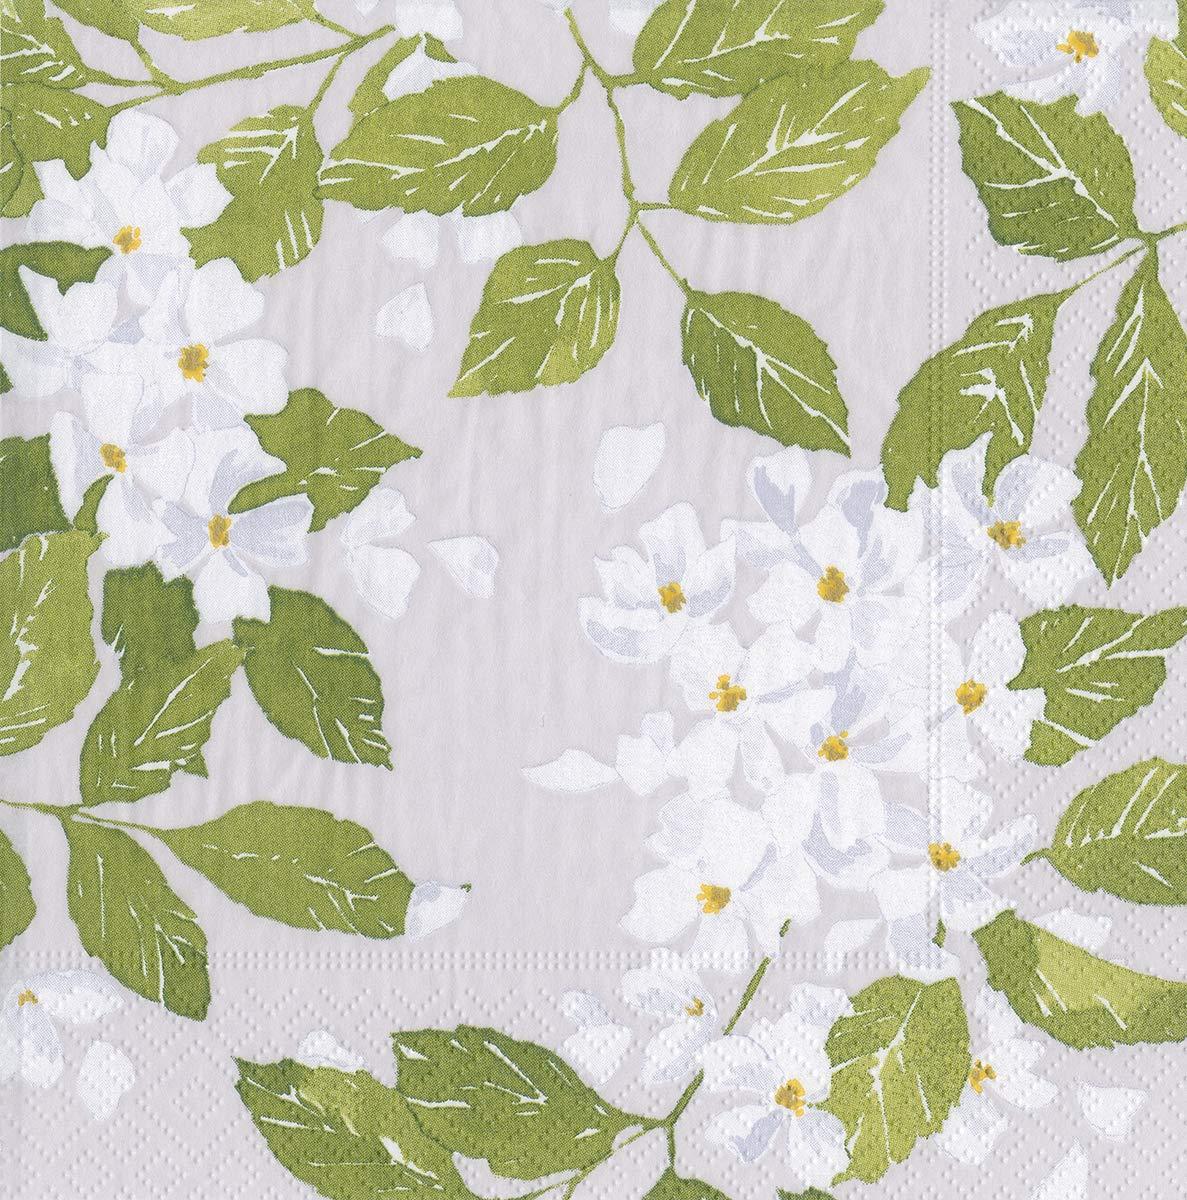 Caspari Paper Napkins Party Napkins Disposable Napkins 6.5 x 6.5 Decorative Blanc De Blancs Grey Pk 40